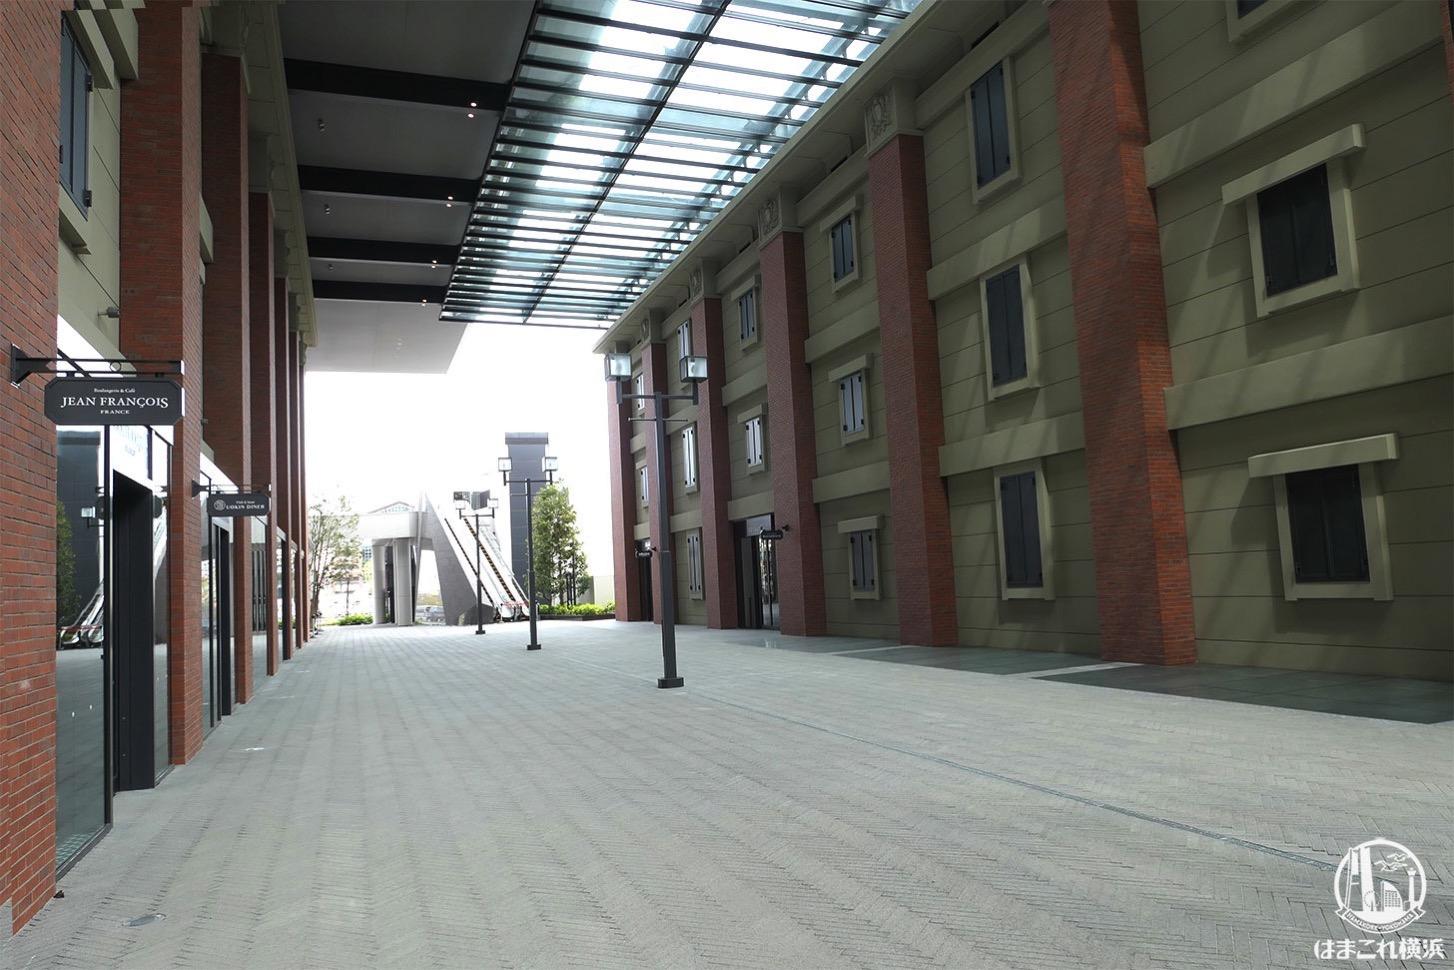 北仲ブリック&ホワイト、6月25日にグランドオープン!馬車道直結の商業・文化施設